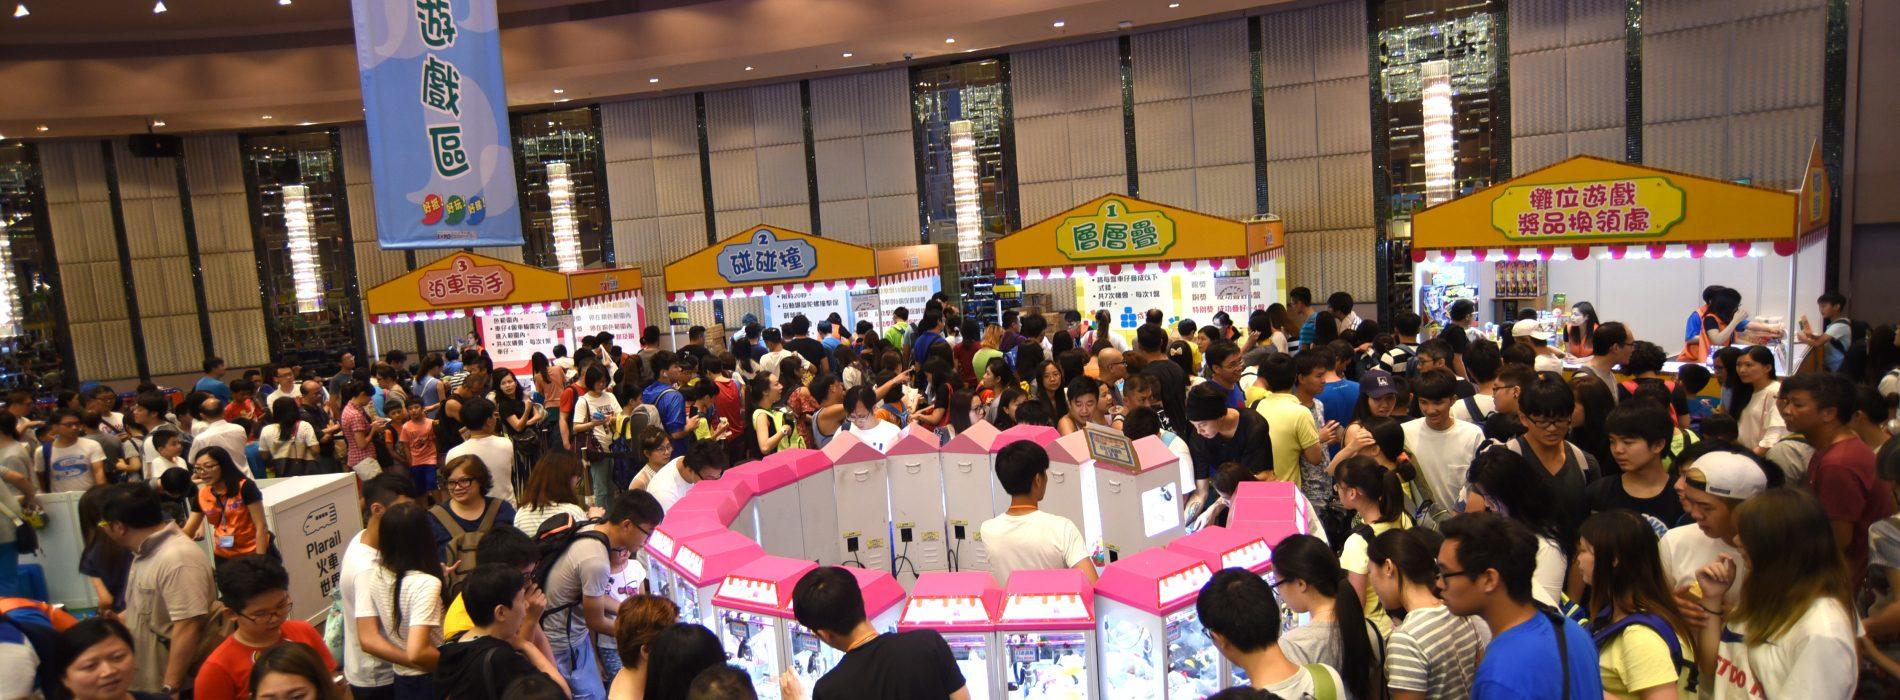 岩晒一家大細的展覽 – 第3屆香港玩具節【5月20至22日】